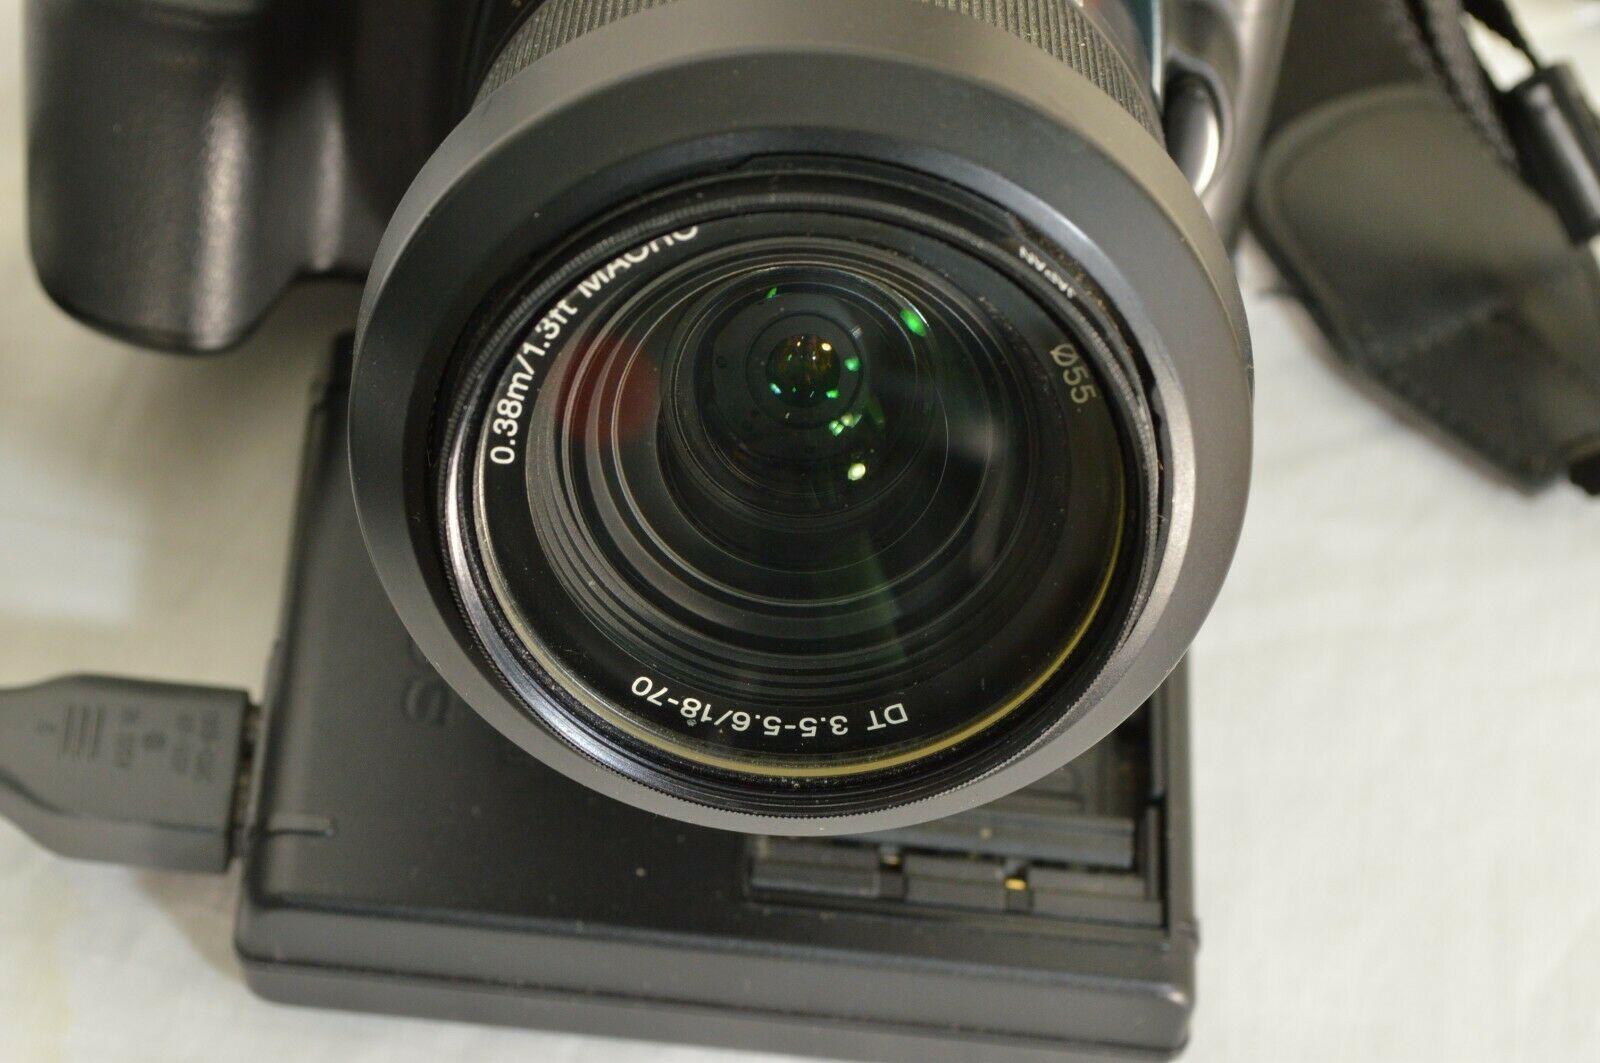 Sony Alpha a100 10.2MP Digital SLR Camera - Black (Kit w/ DT 18-70mm Lens) image 7